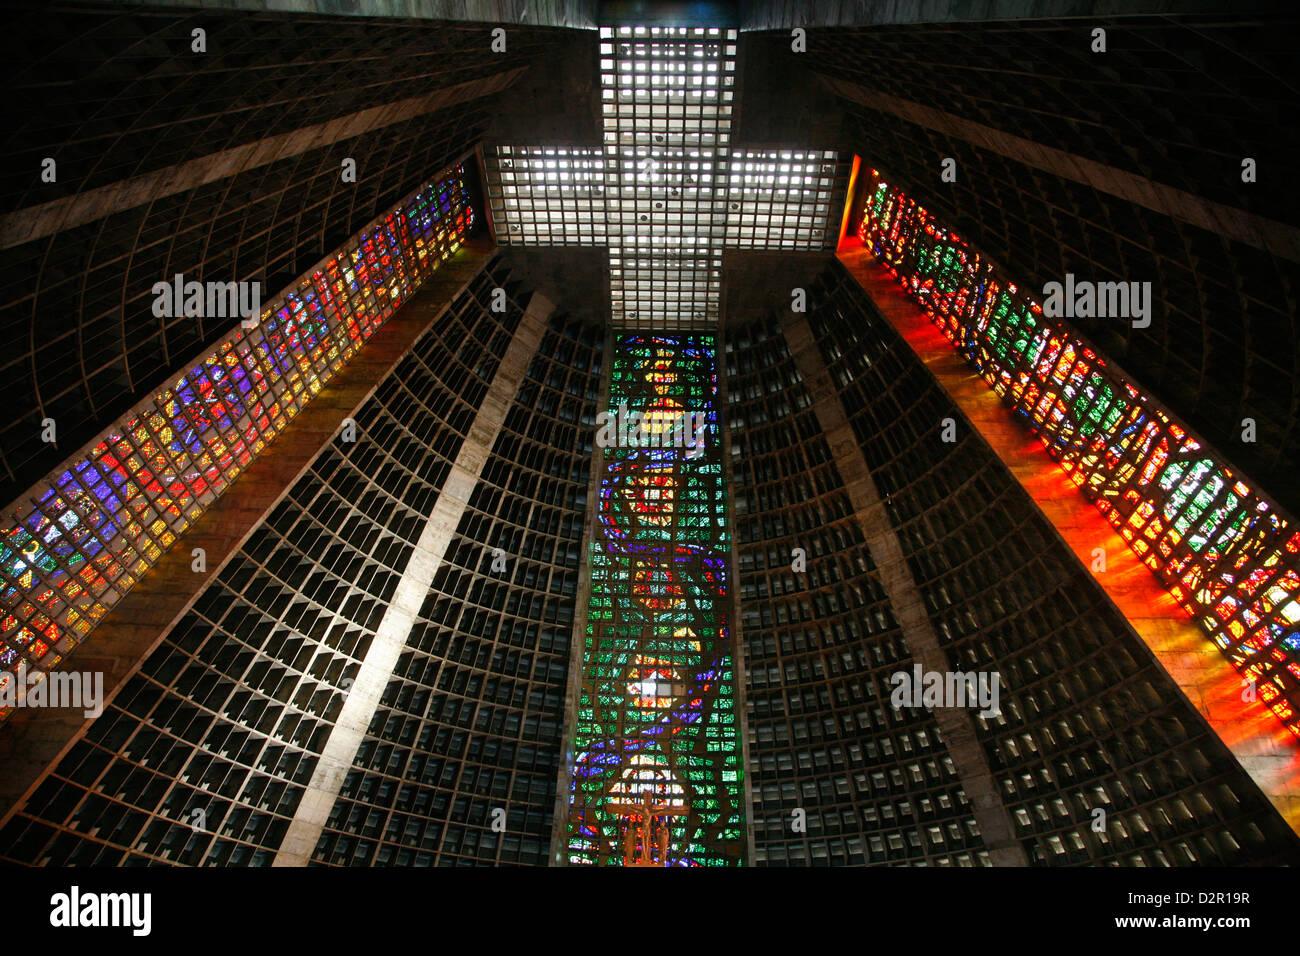 Catedral Metropolitana (Metropolitan Cathedral), Rio de Janeiro, Brazil, South America - Stock Image